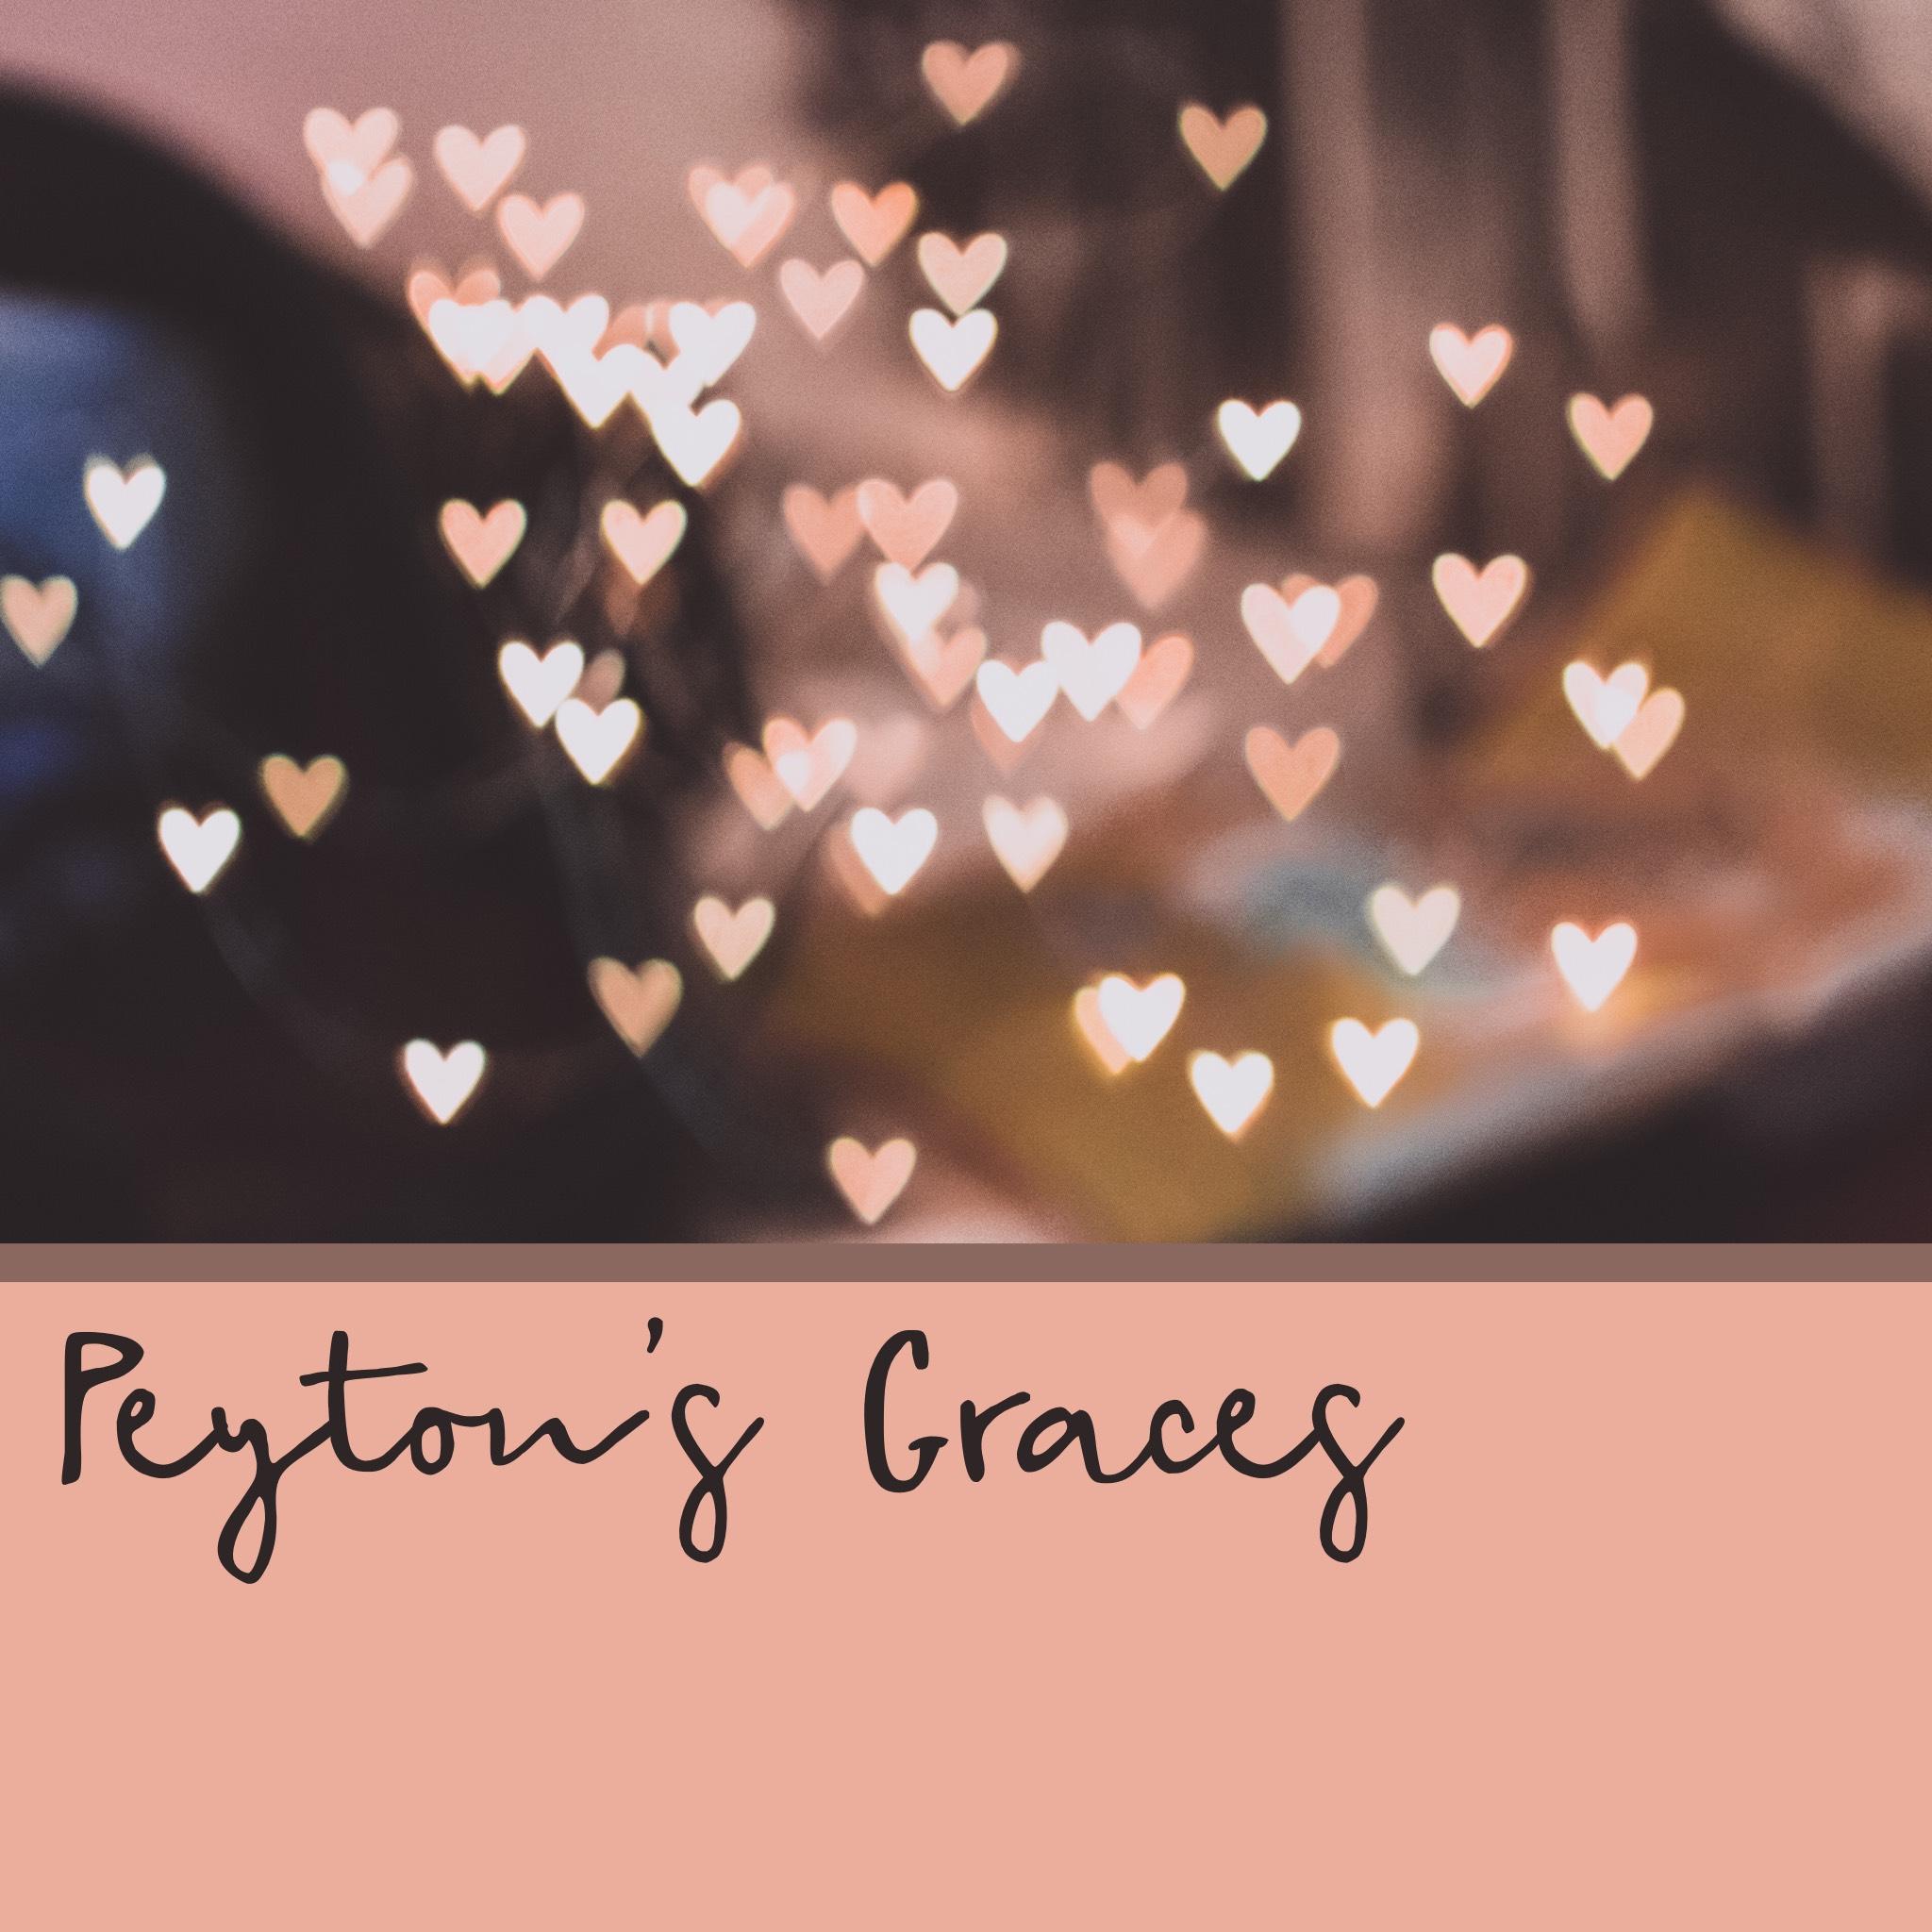 #peytonsgraces